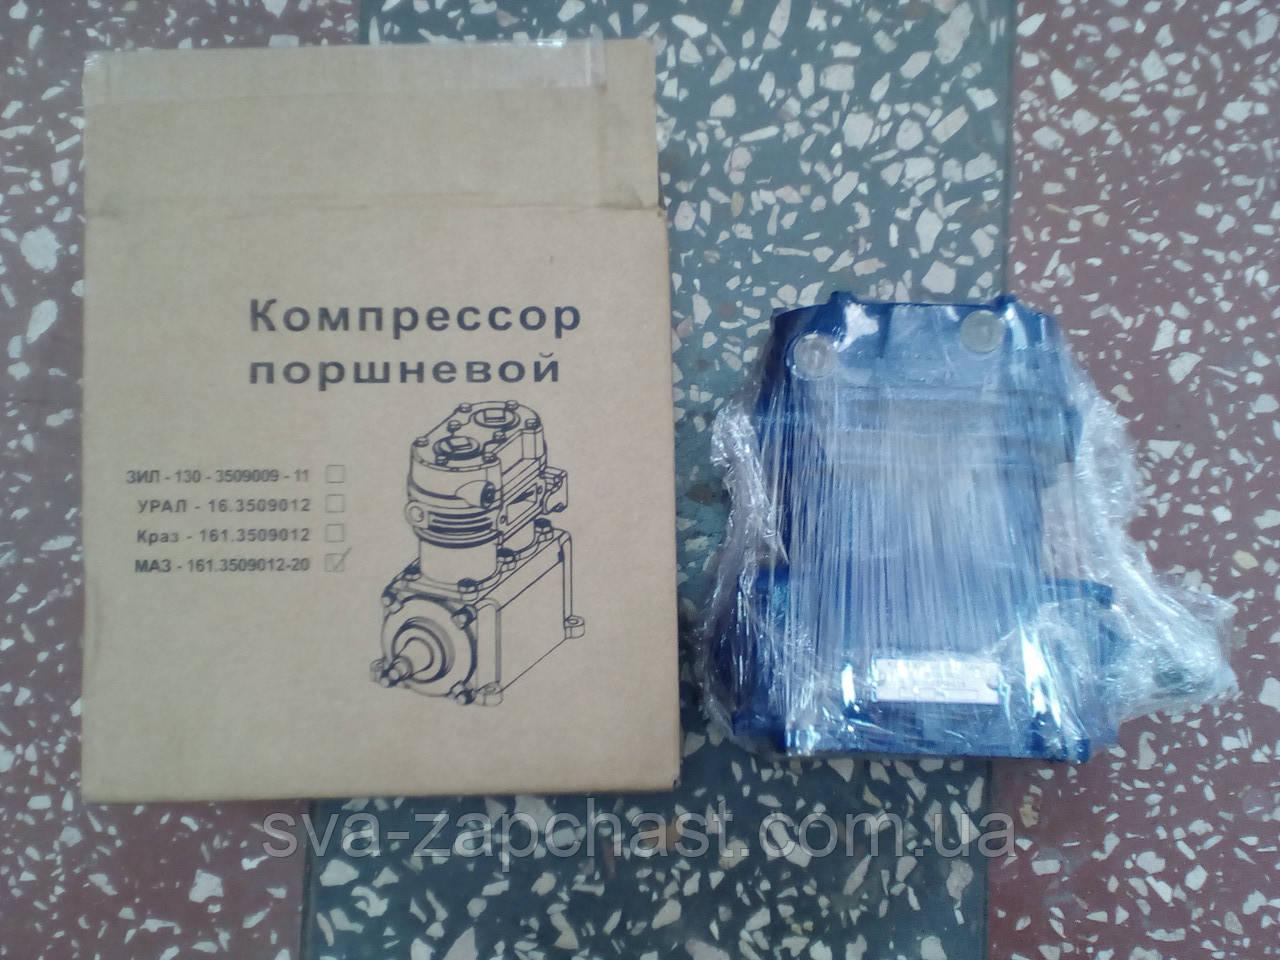 Компрессор МАЗ КрАЗ УрАЛ 161-3509012-20